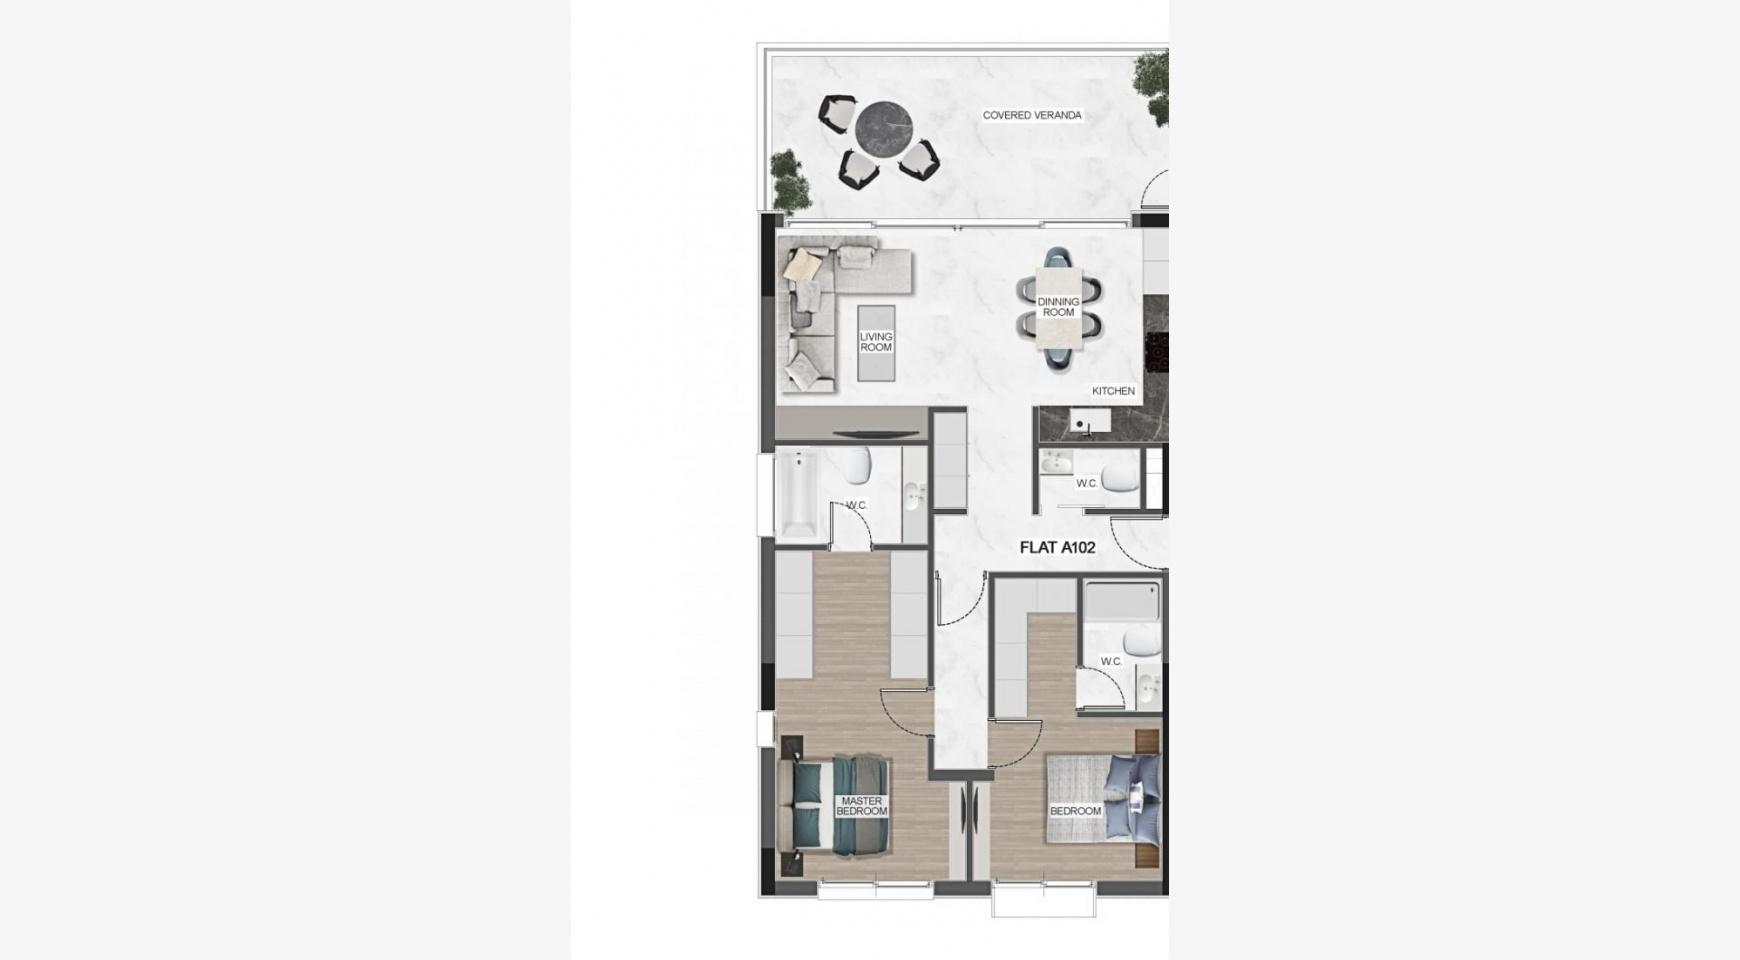 Urban City Residences, Кв. B 401. 3-Спальная Квартира в Новом Комплексе в Центре Города - 43